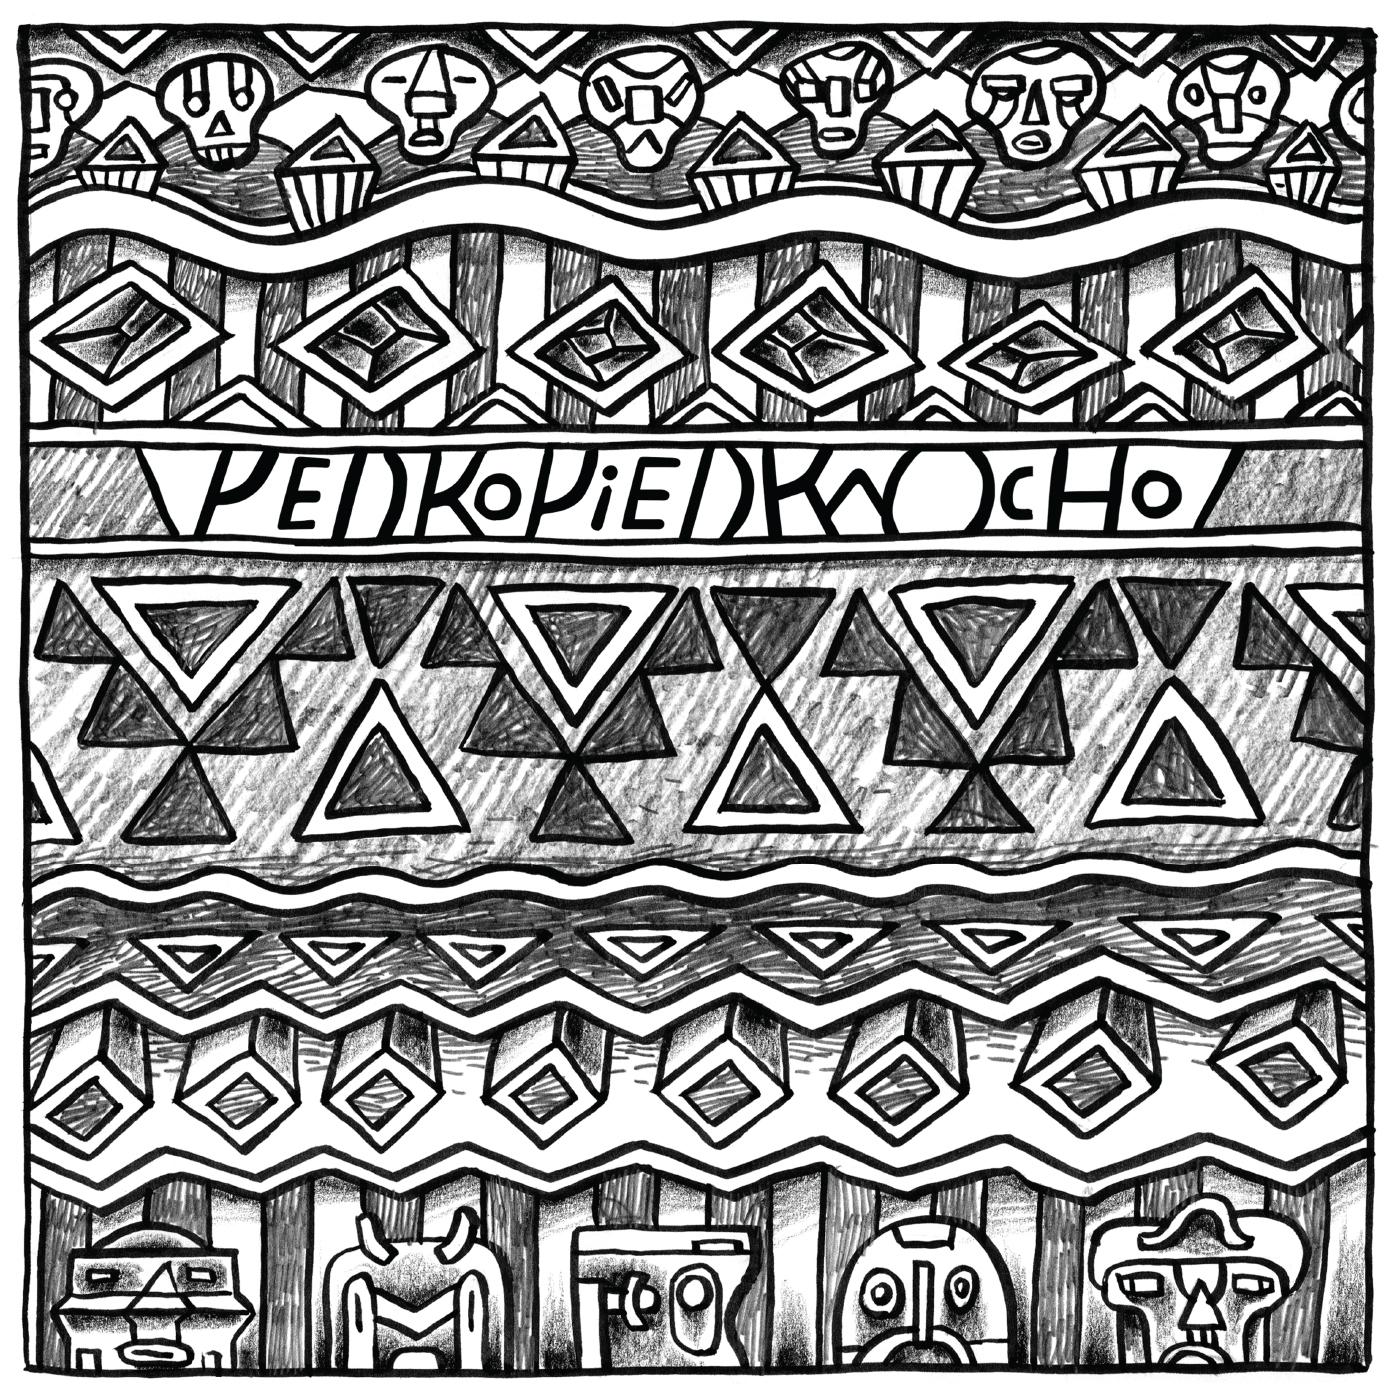 Pedropiedra / Ocho / Vinilo